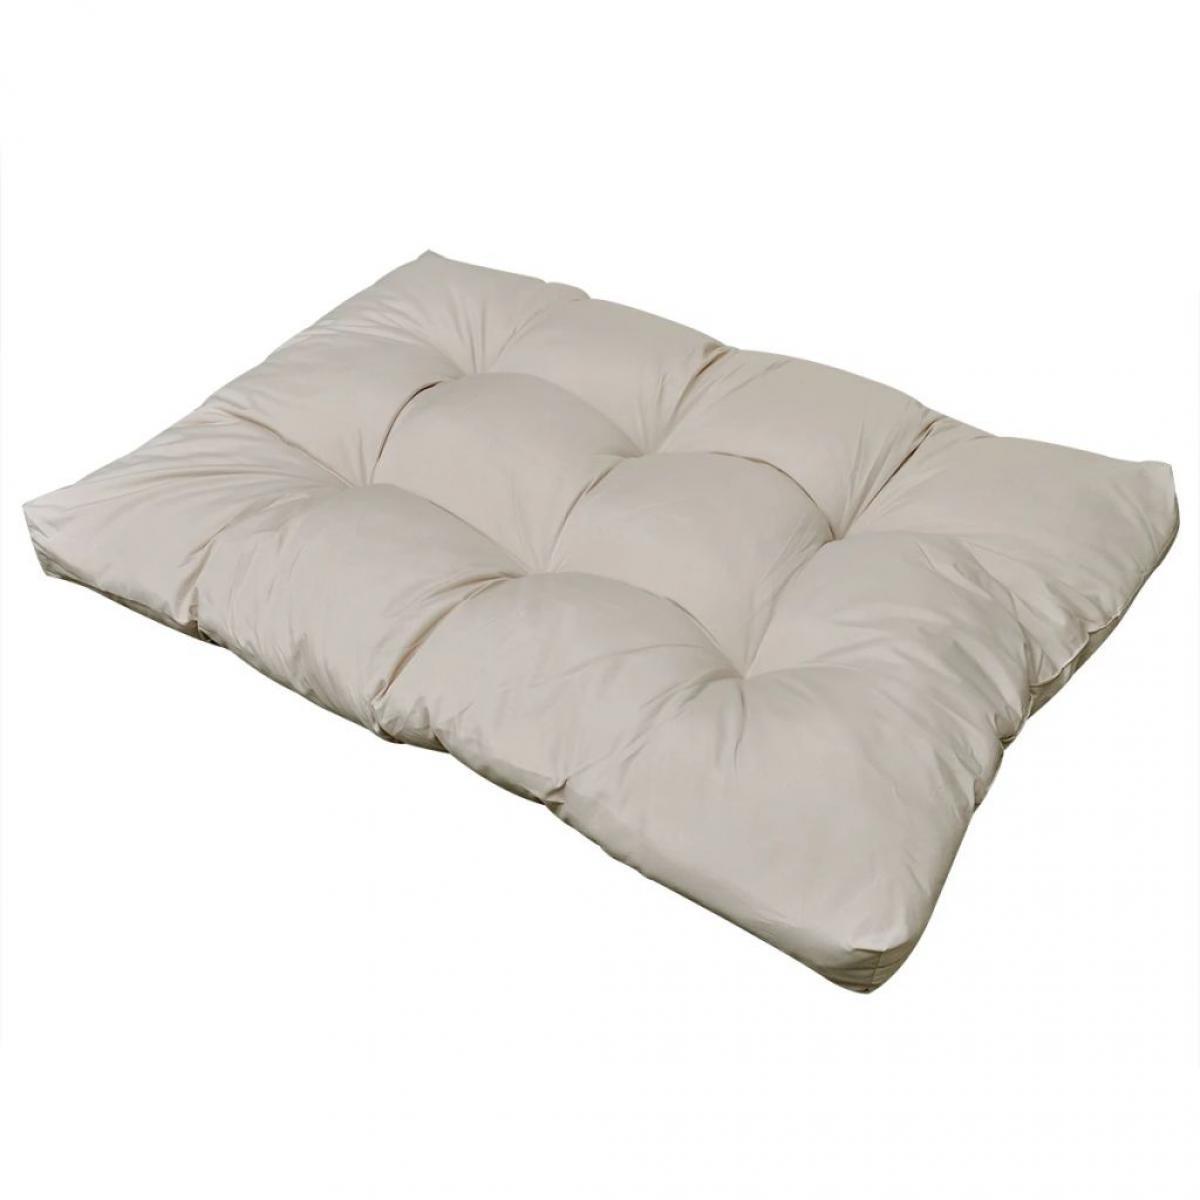 Vidaxl vidaXL Coussin de siège rembourré Blanc sable 120 x 80 x 10 cm